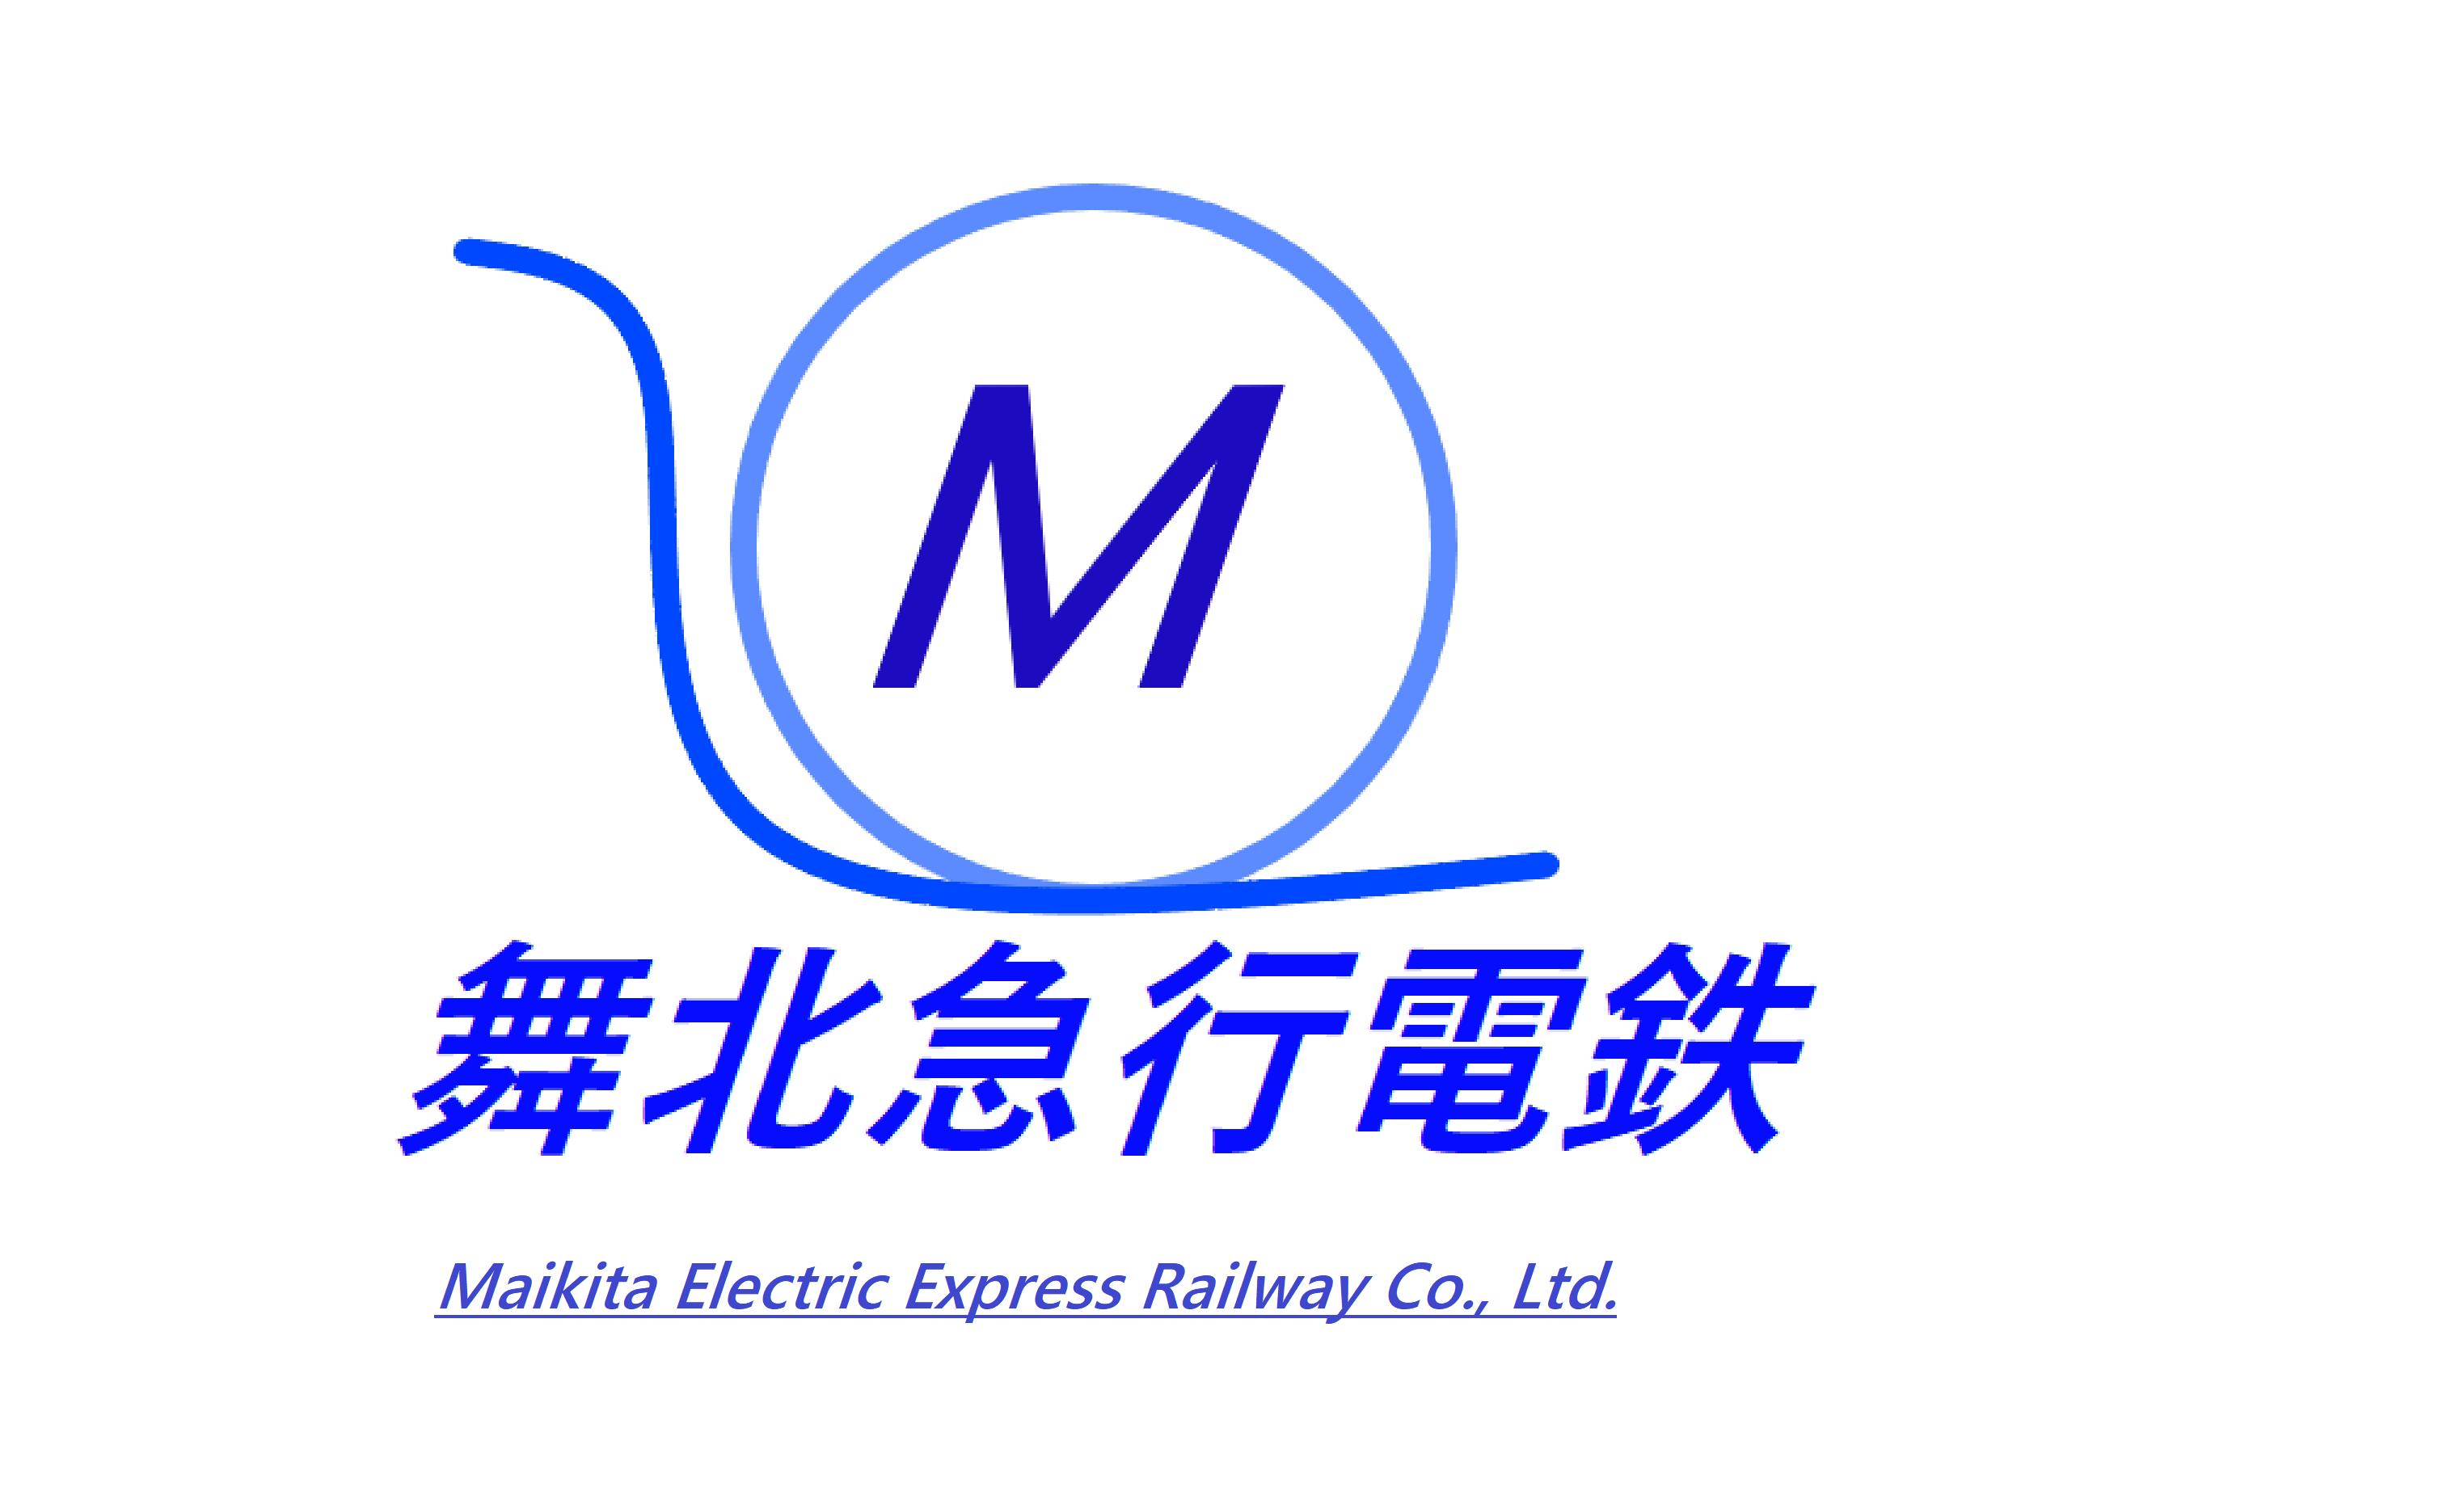 舞北急行電鉄 ロゴ 2_0.png